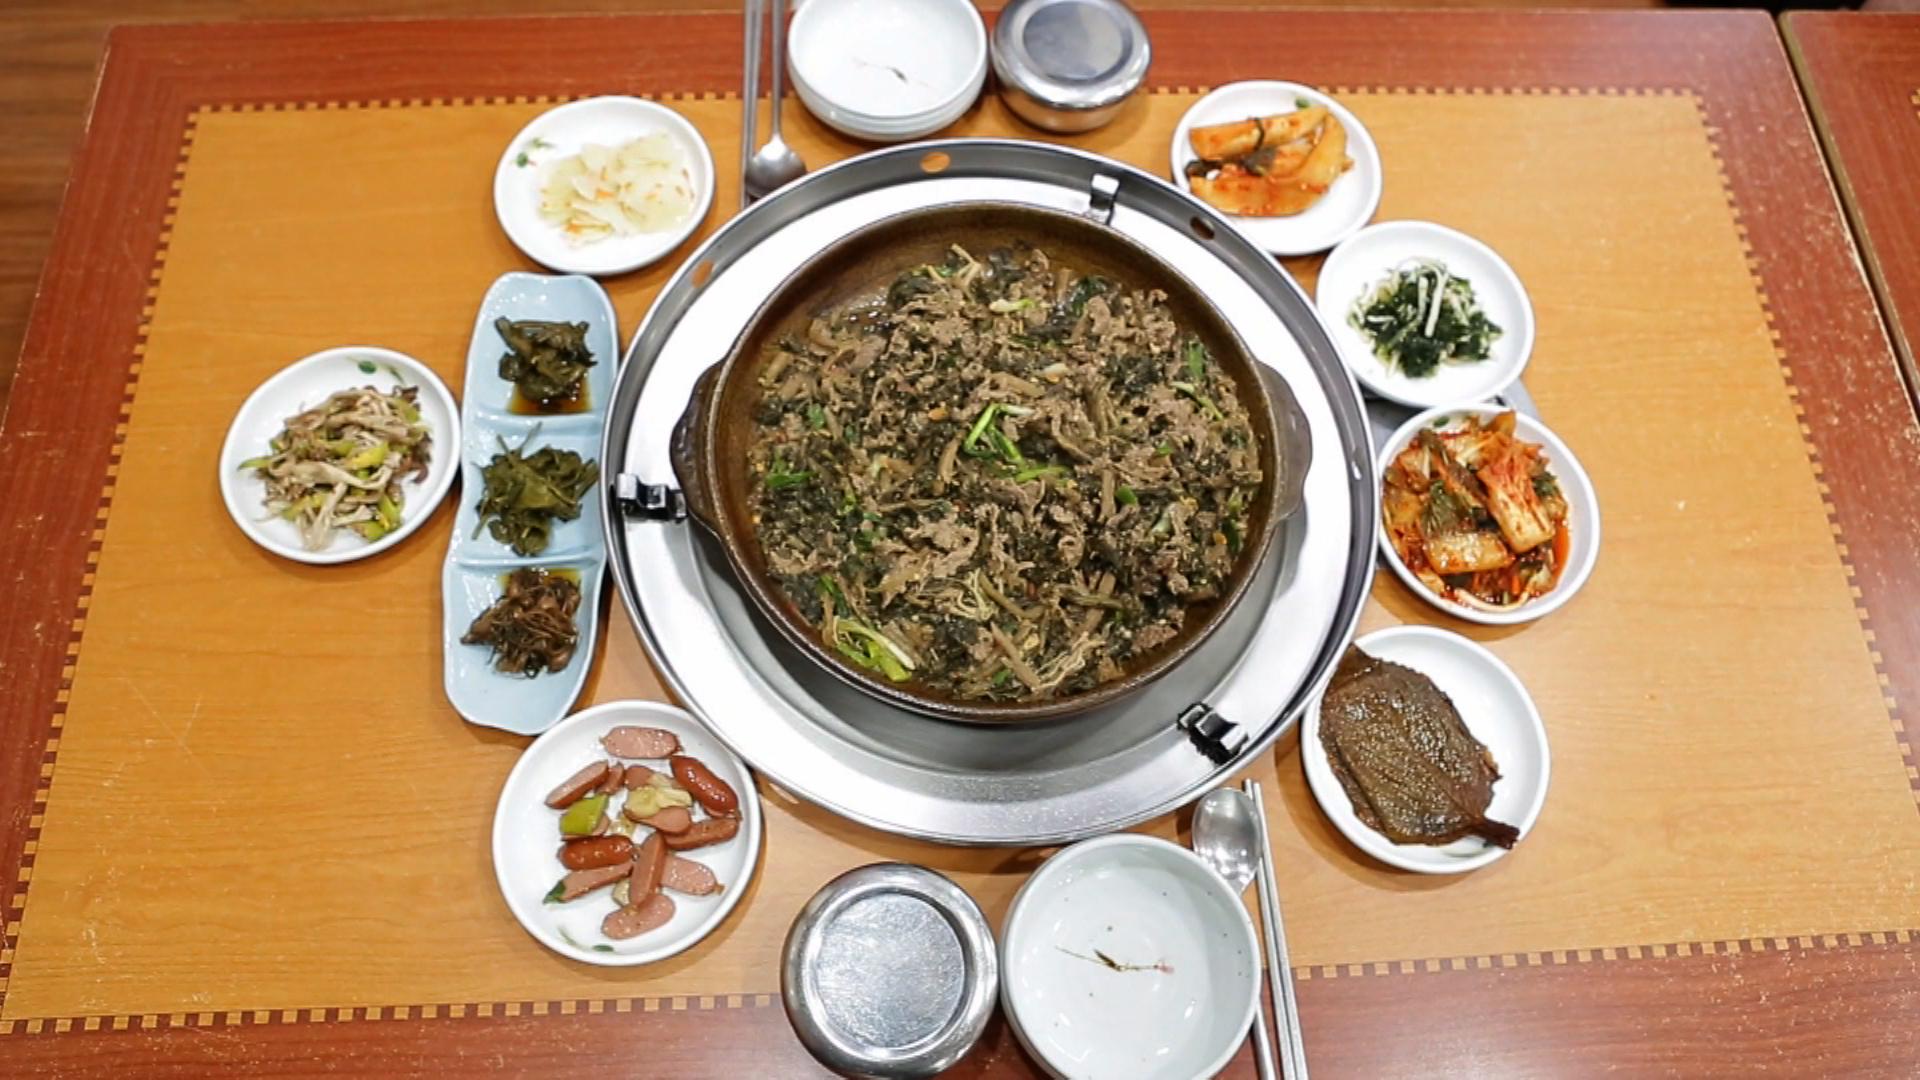 VJ 특공대 (2TV, 11월 24일) 특공 작전! 숨은 맛집을 찾아라 ...